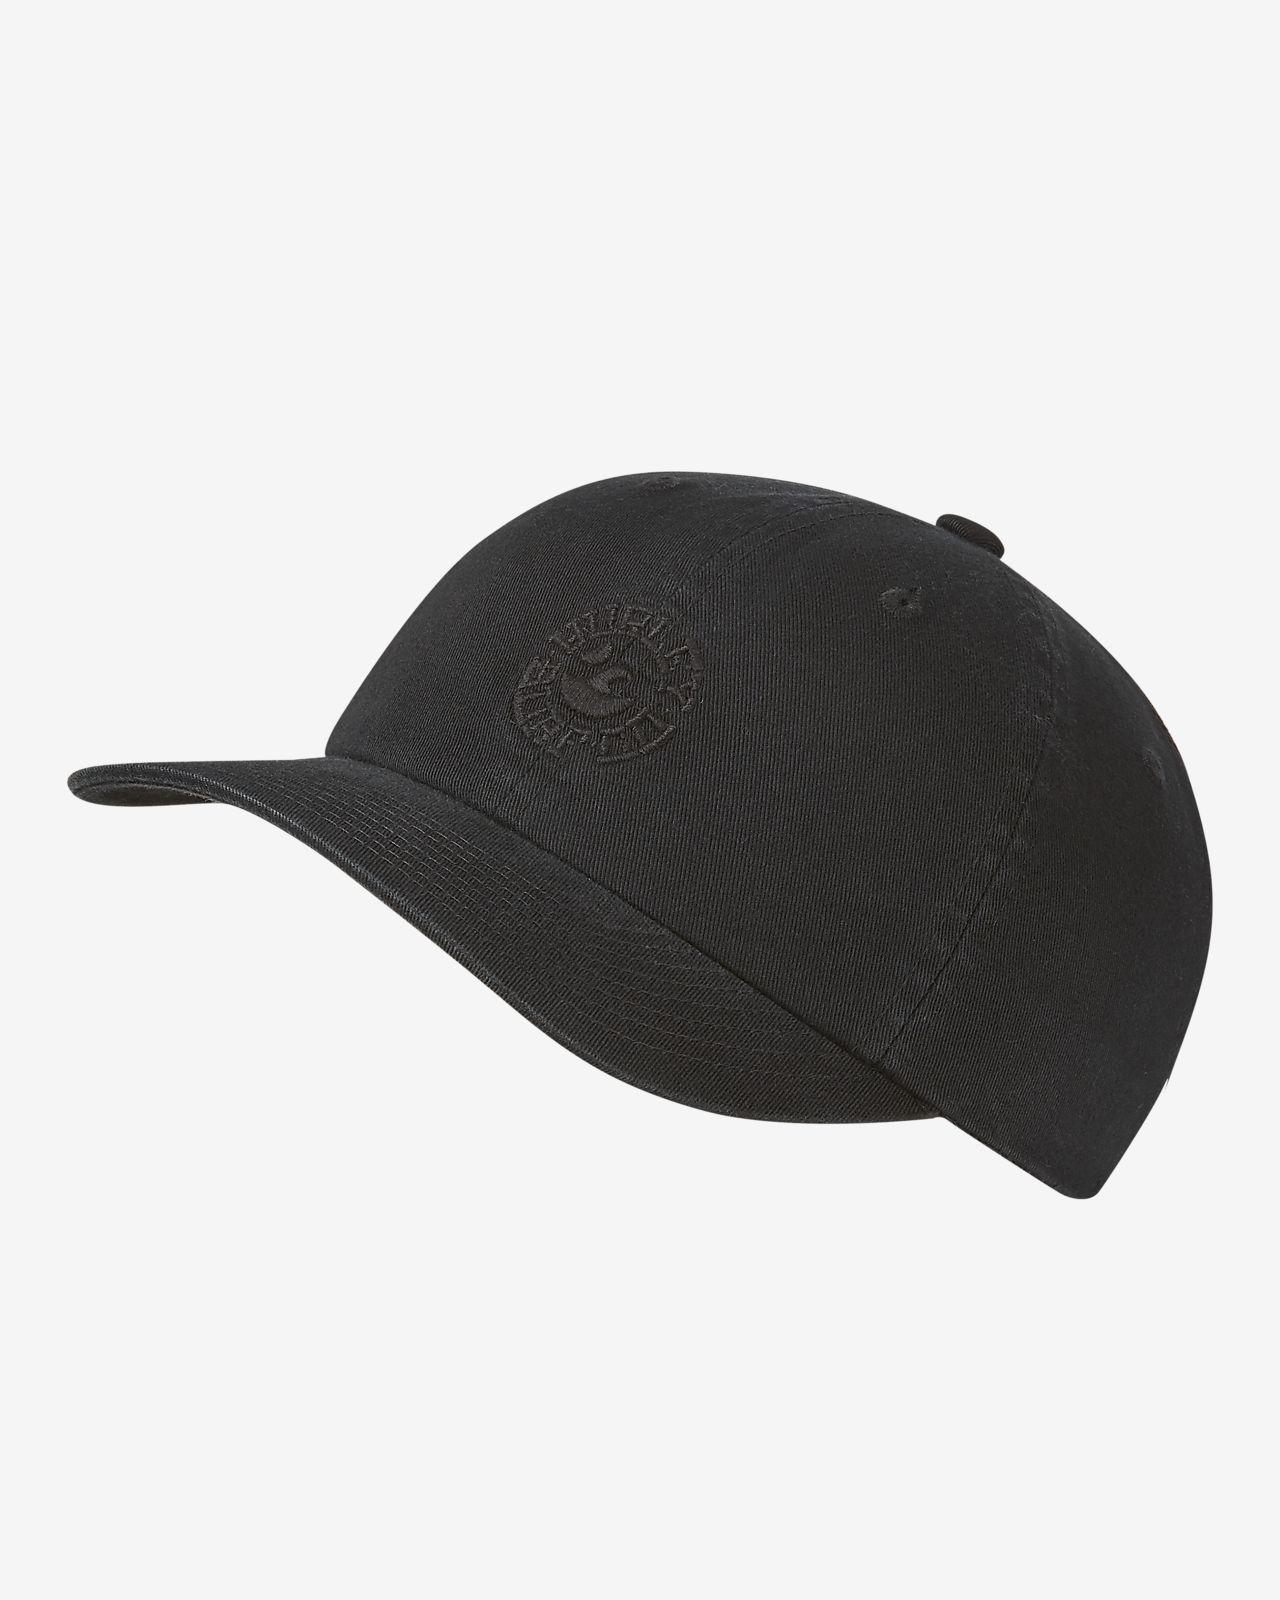 Hurley Good Times Herren-Cap